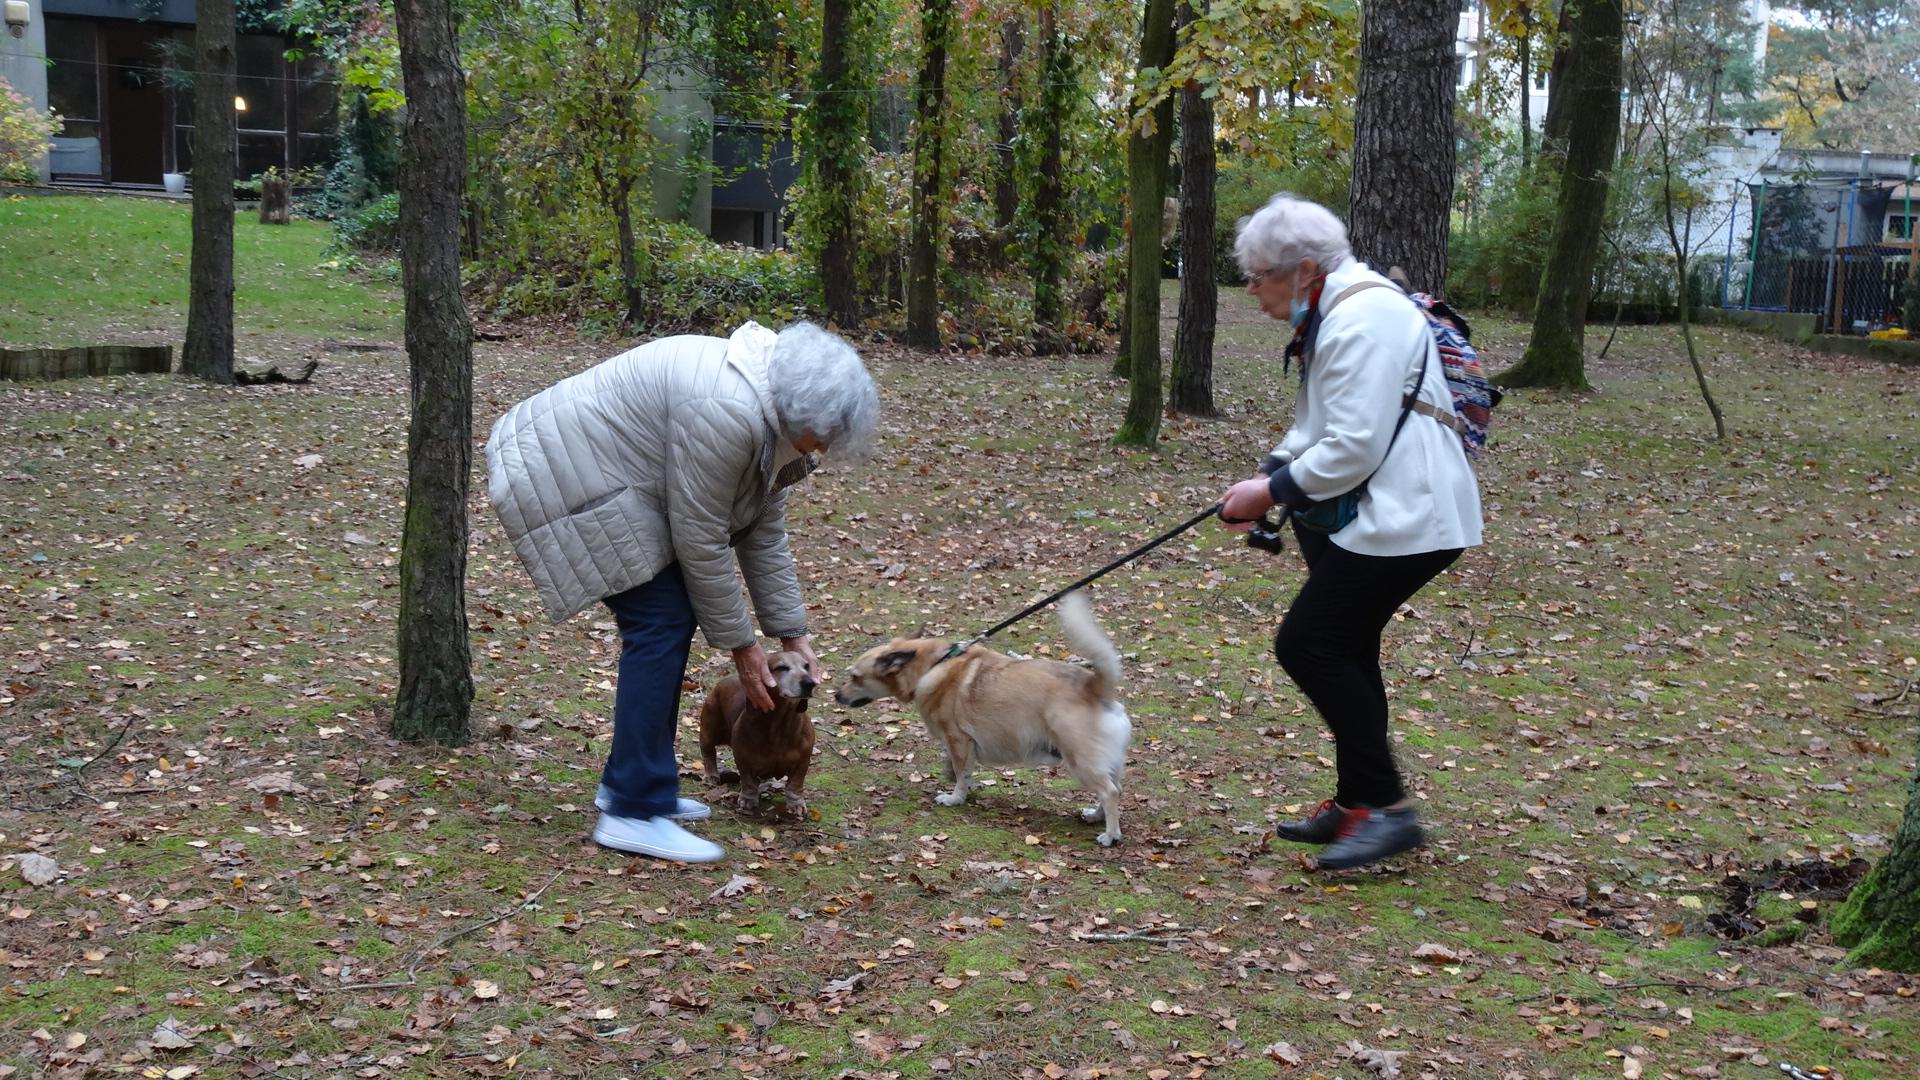 Dwie kobiety w parku, jedna trzyma na smyczy psa.